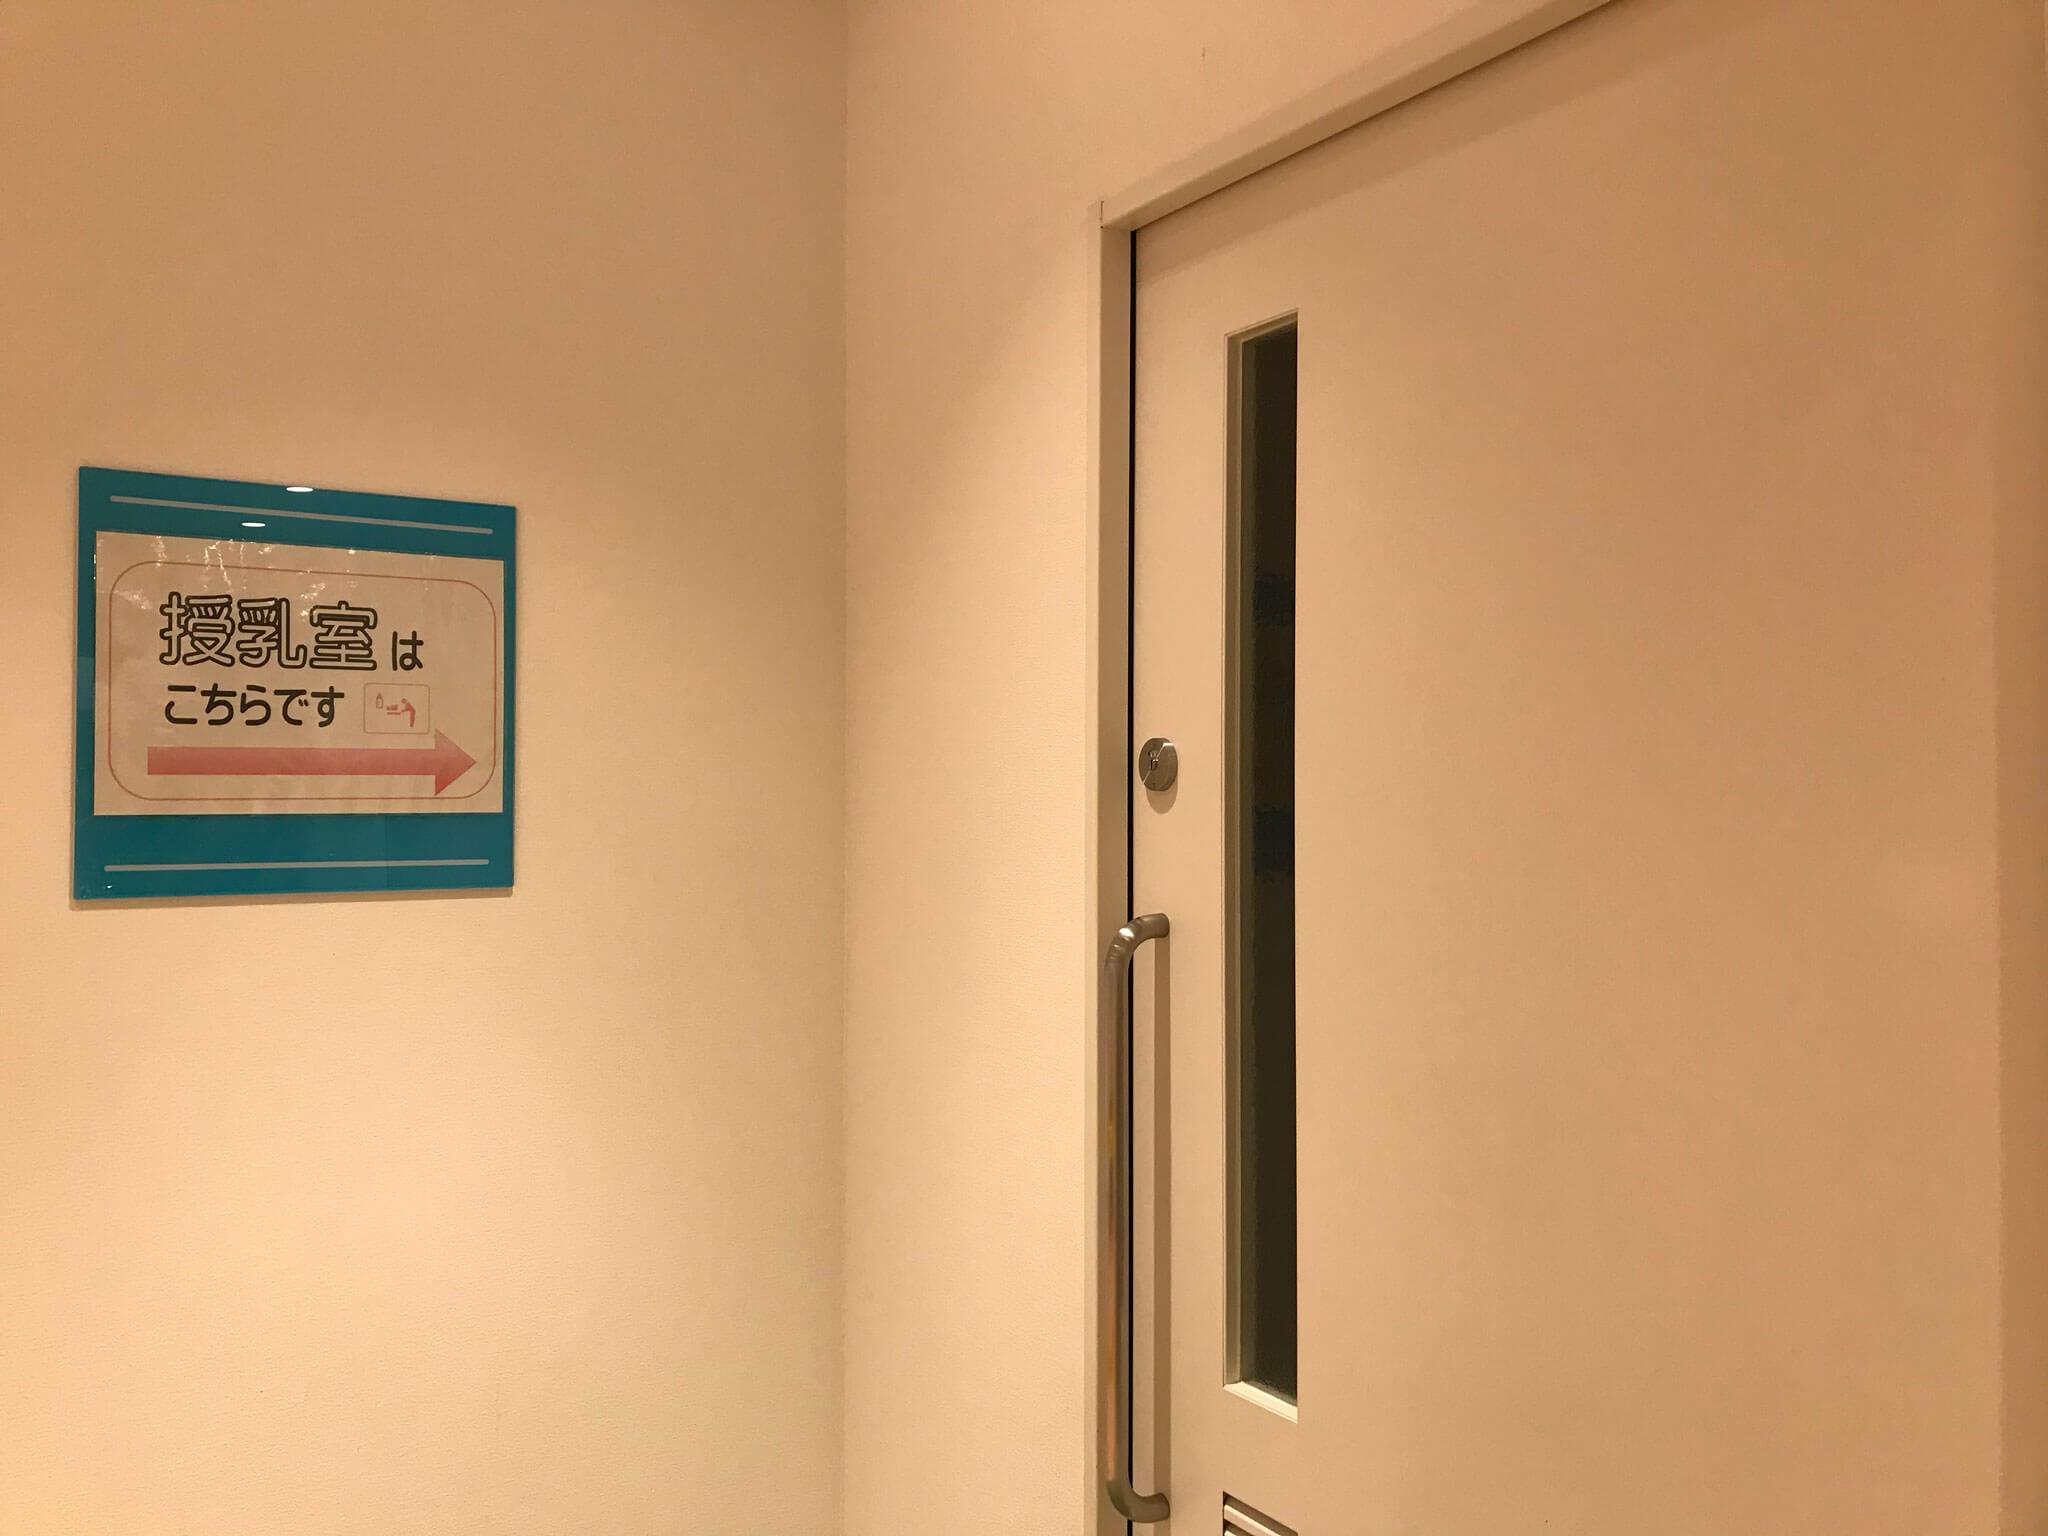 警察博物館にある授乳室